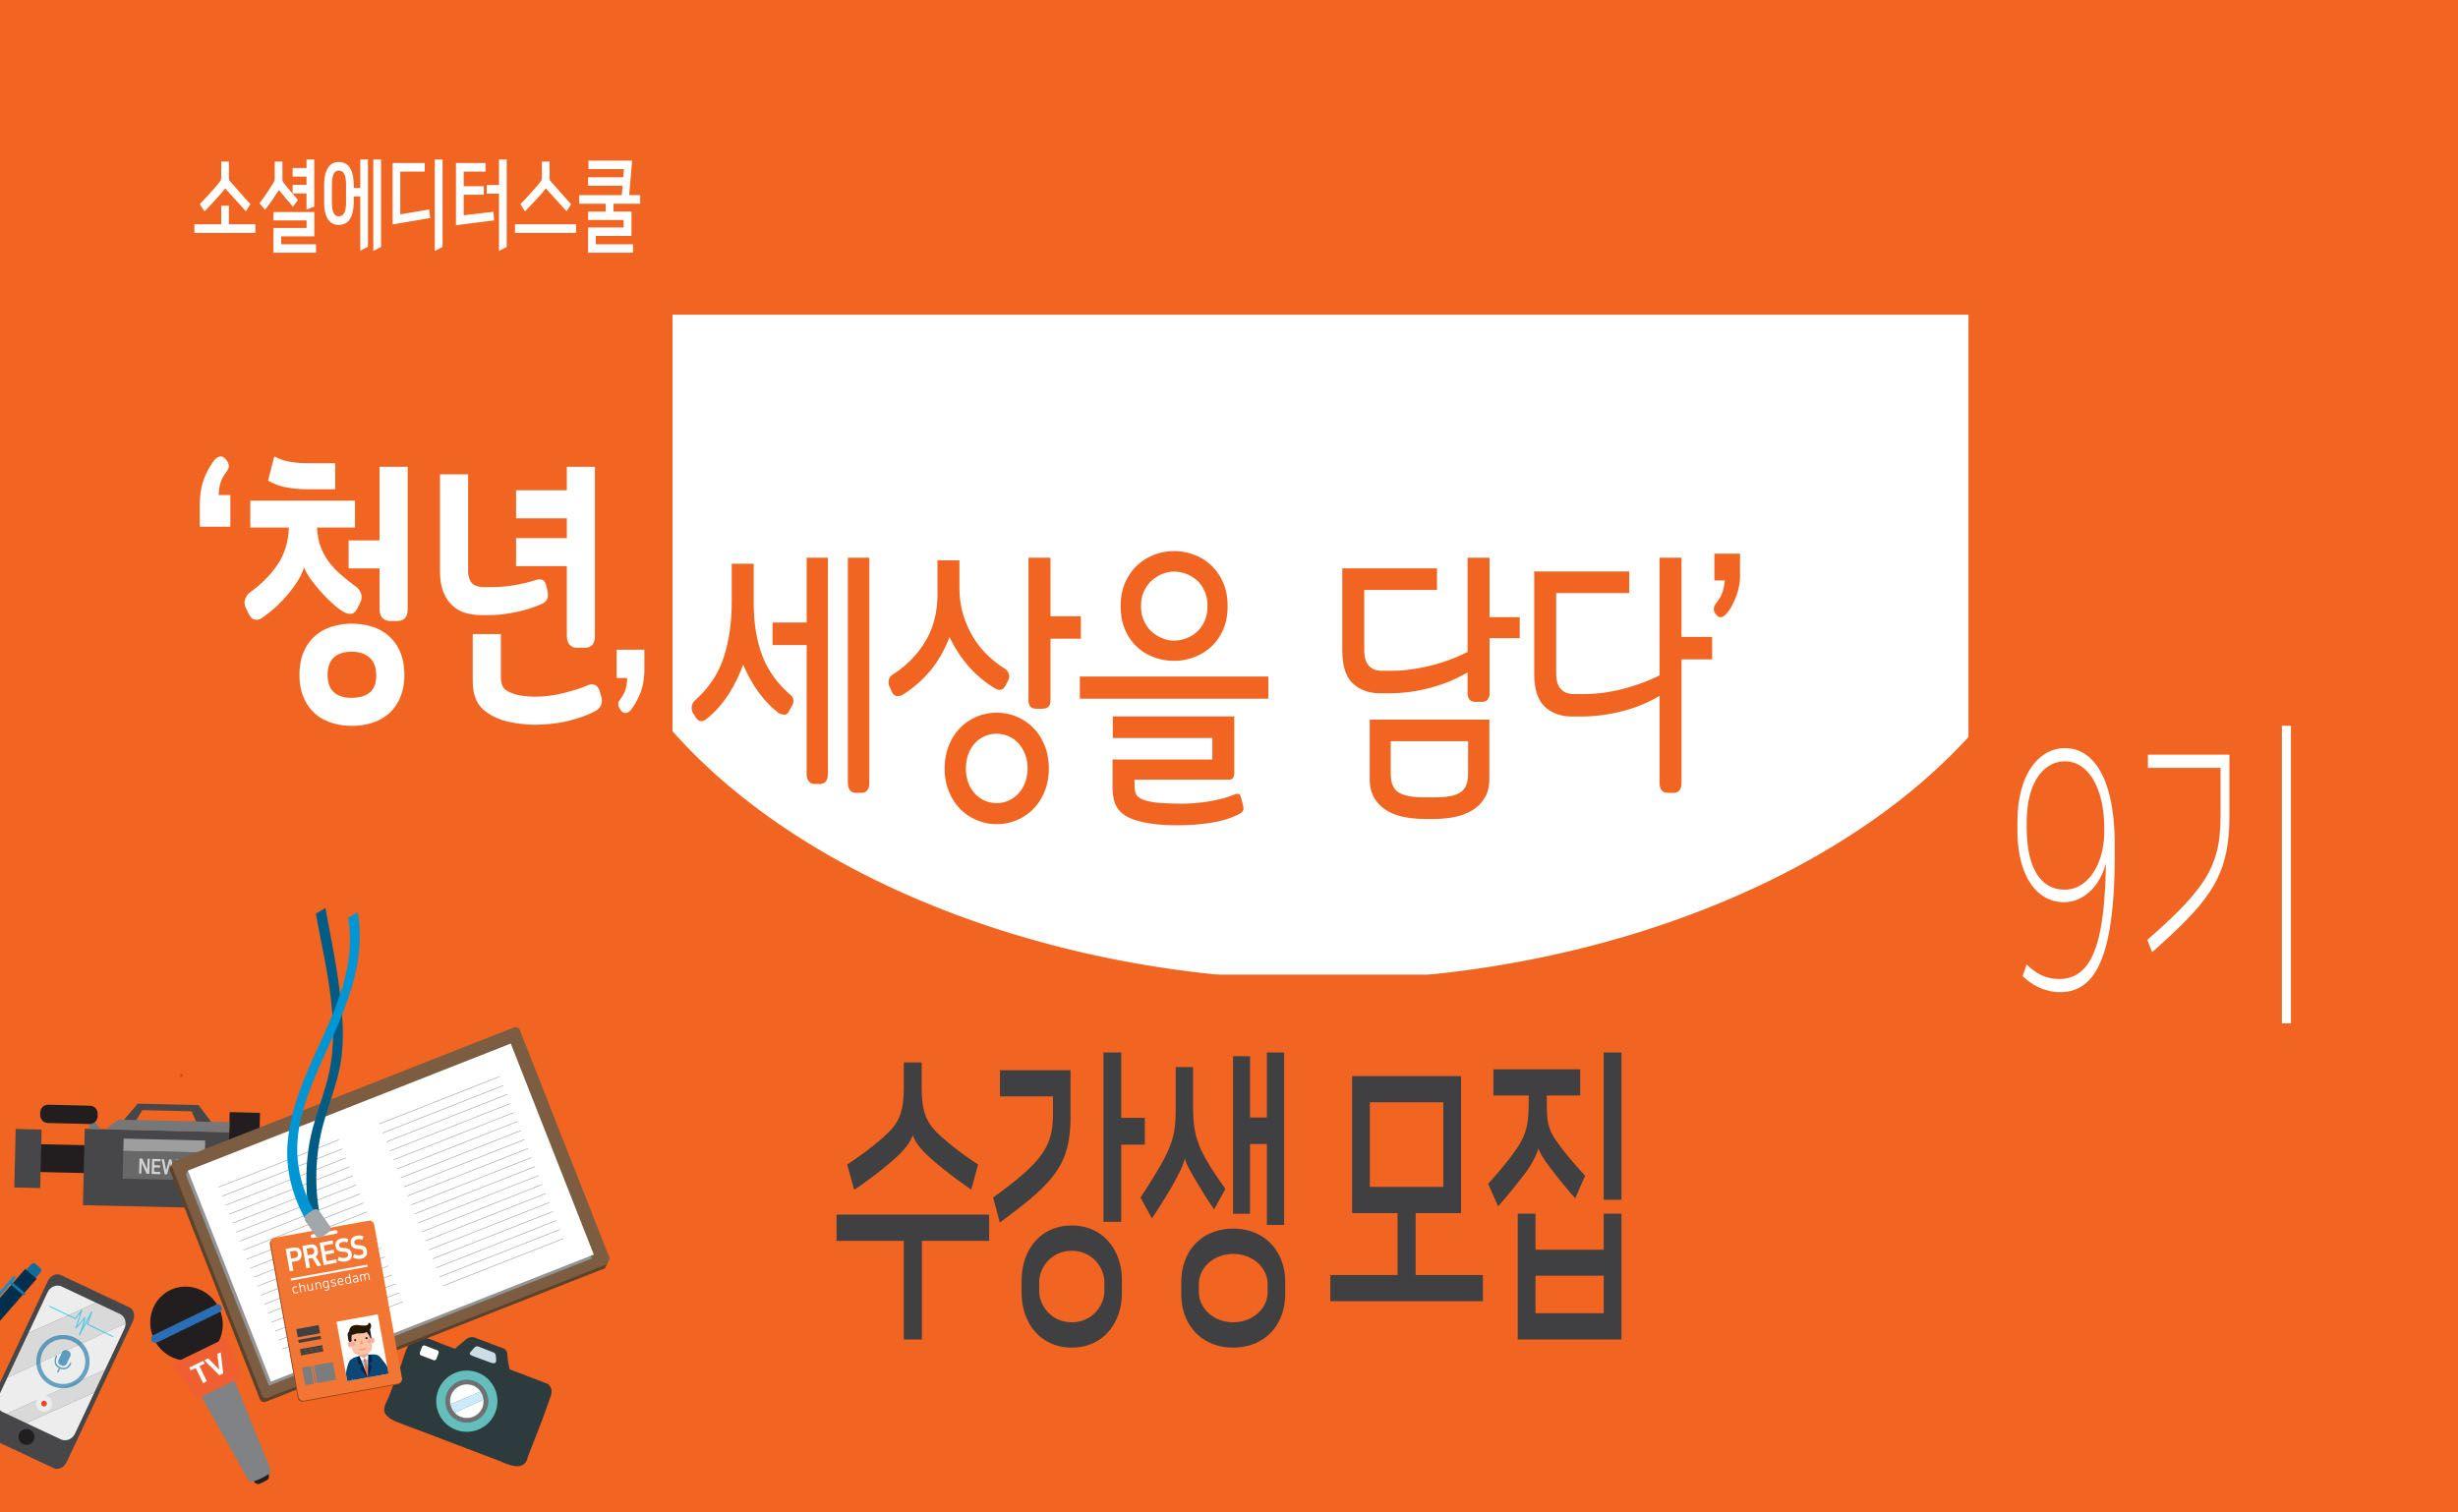 [조선일보 더나은미래] 소셜에디터스쿨 '청년, 세상을 담다' 수강생  모집